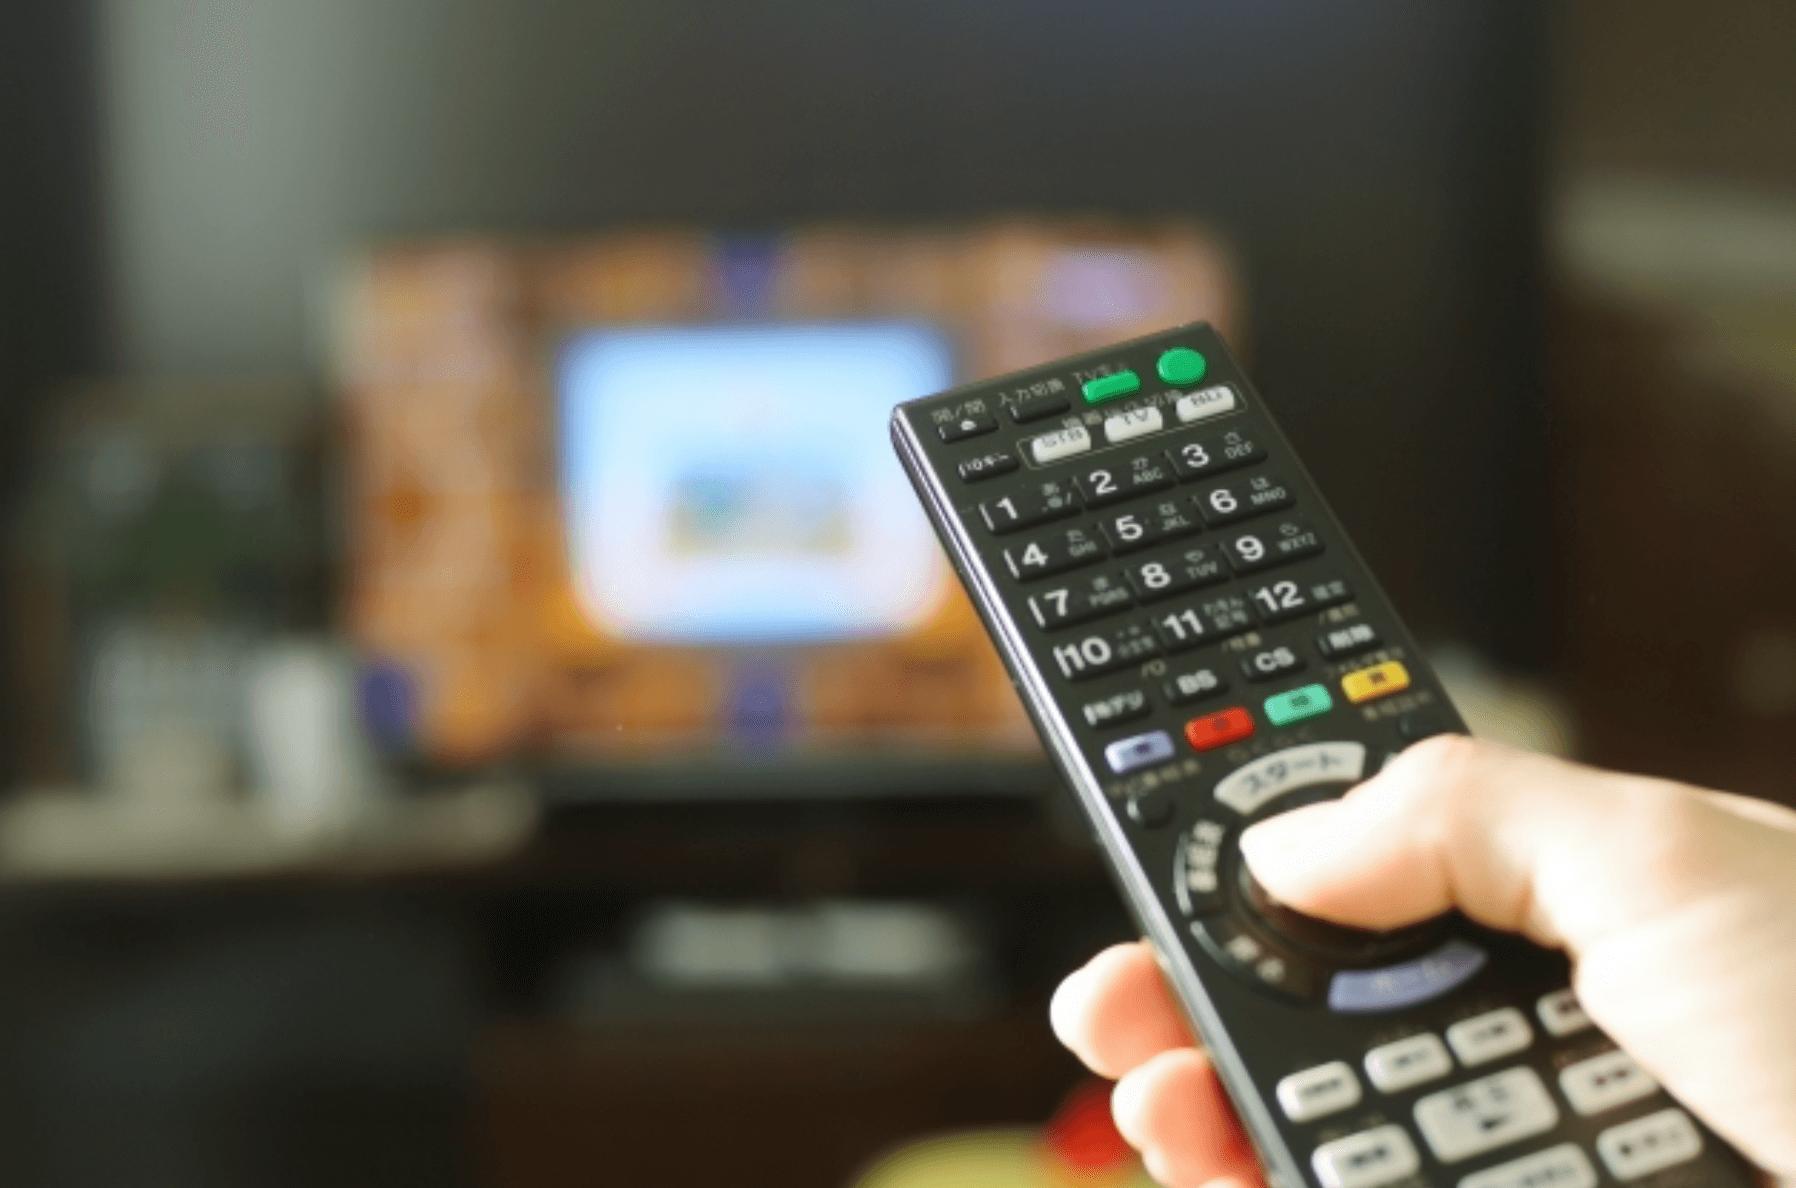 動画配信サービス(VOD)を6社契約してみた感想・徹底比較!?結局どこがオススメ?